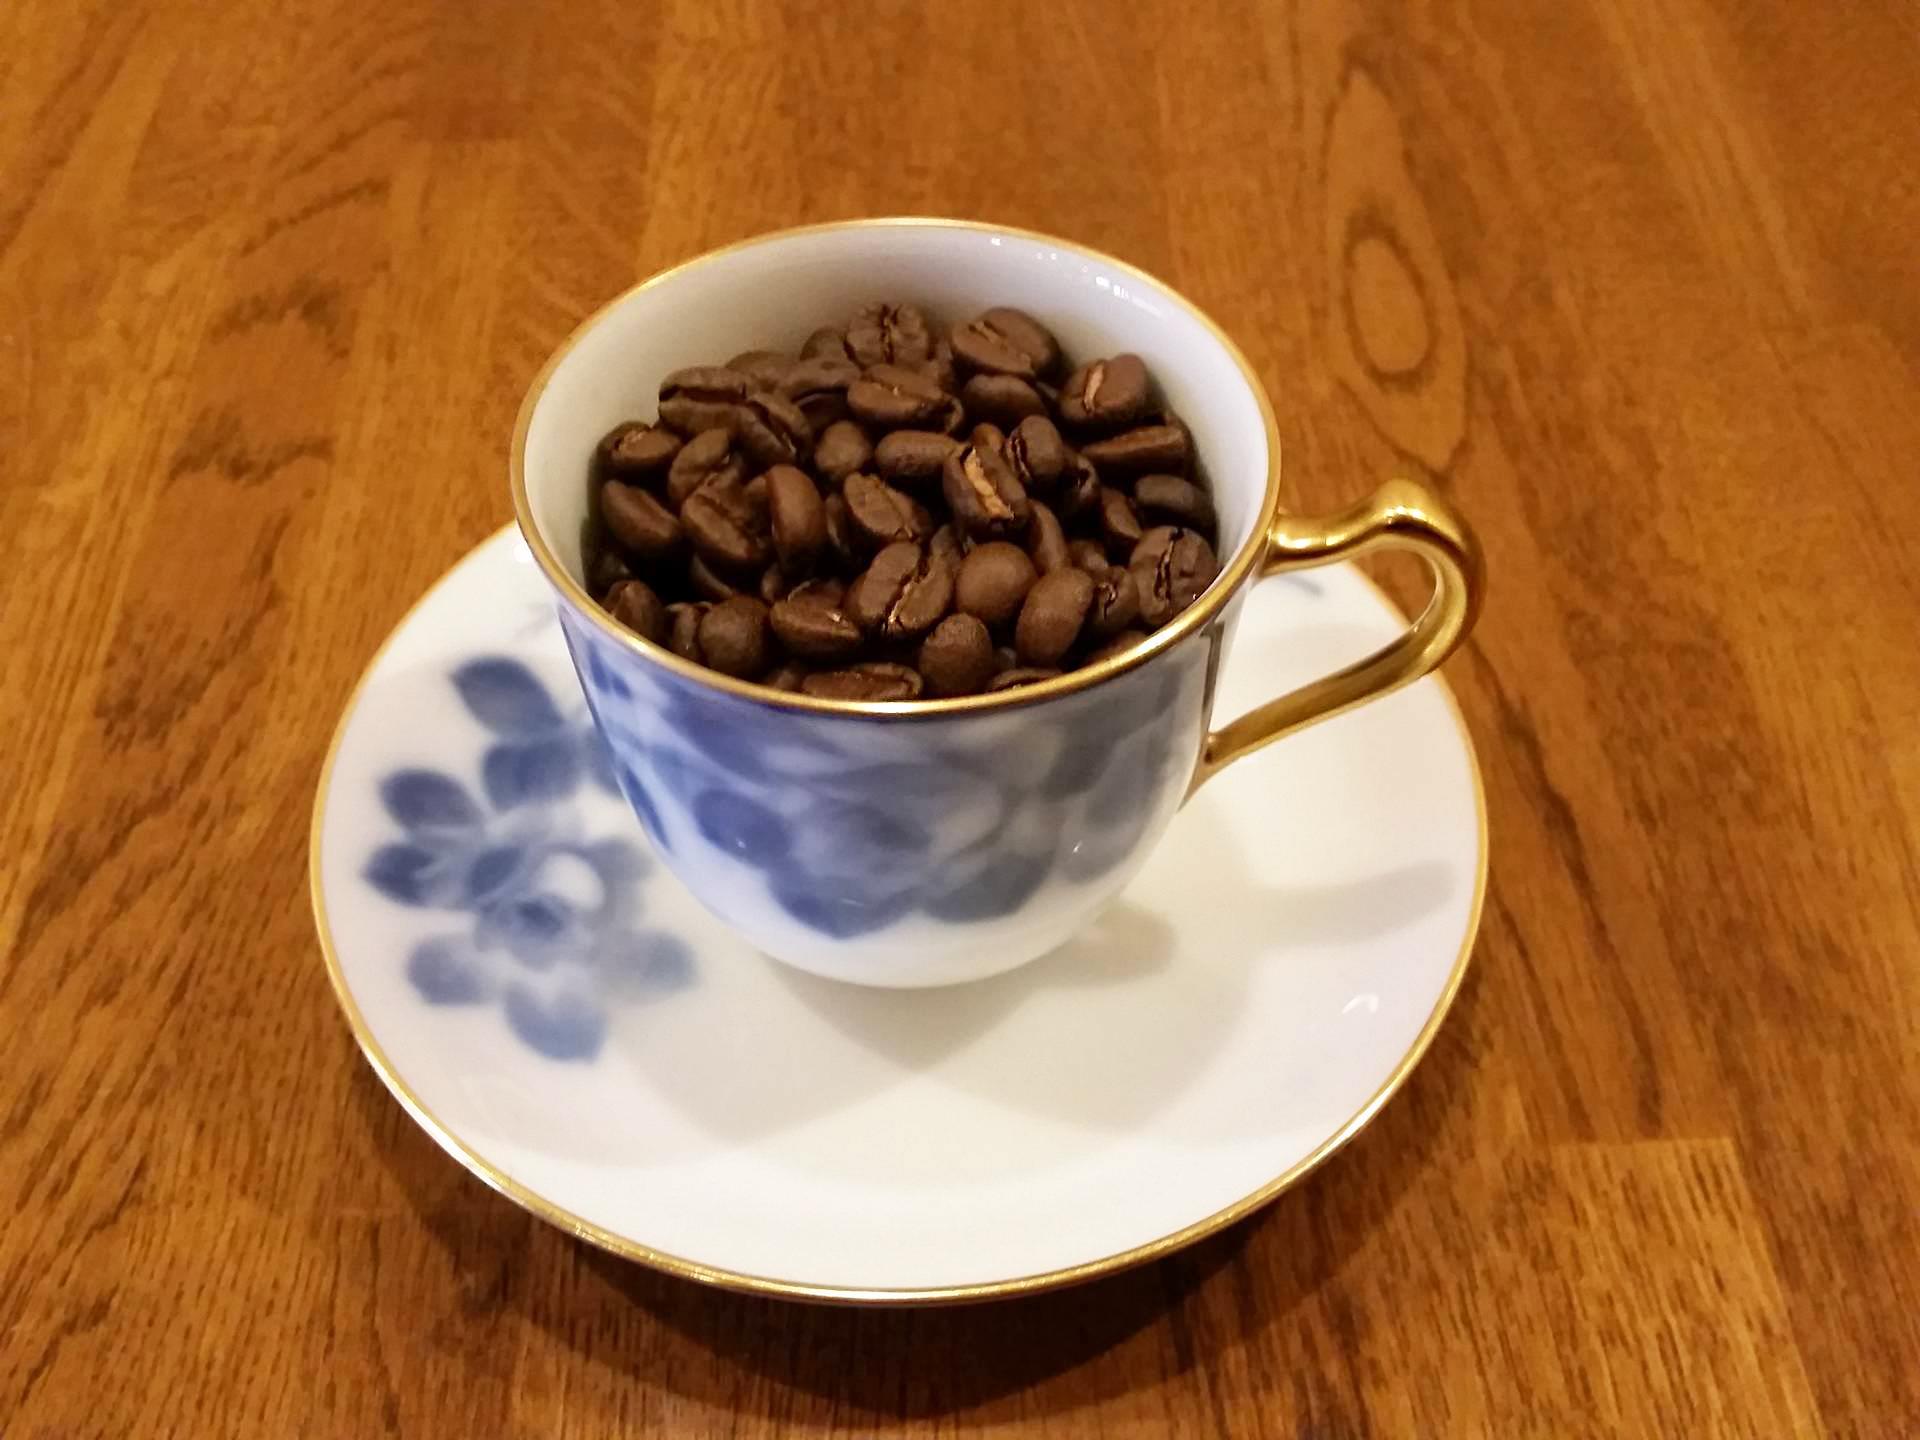 『グァテマラ・エルインフェルトウノ農園』 【ローストラボ・クレモナ】のコーヒーからエシカルを考える。